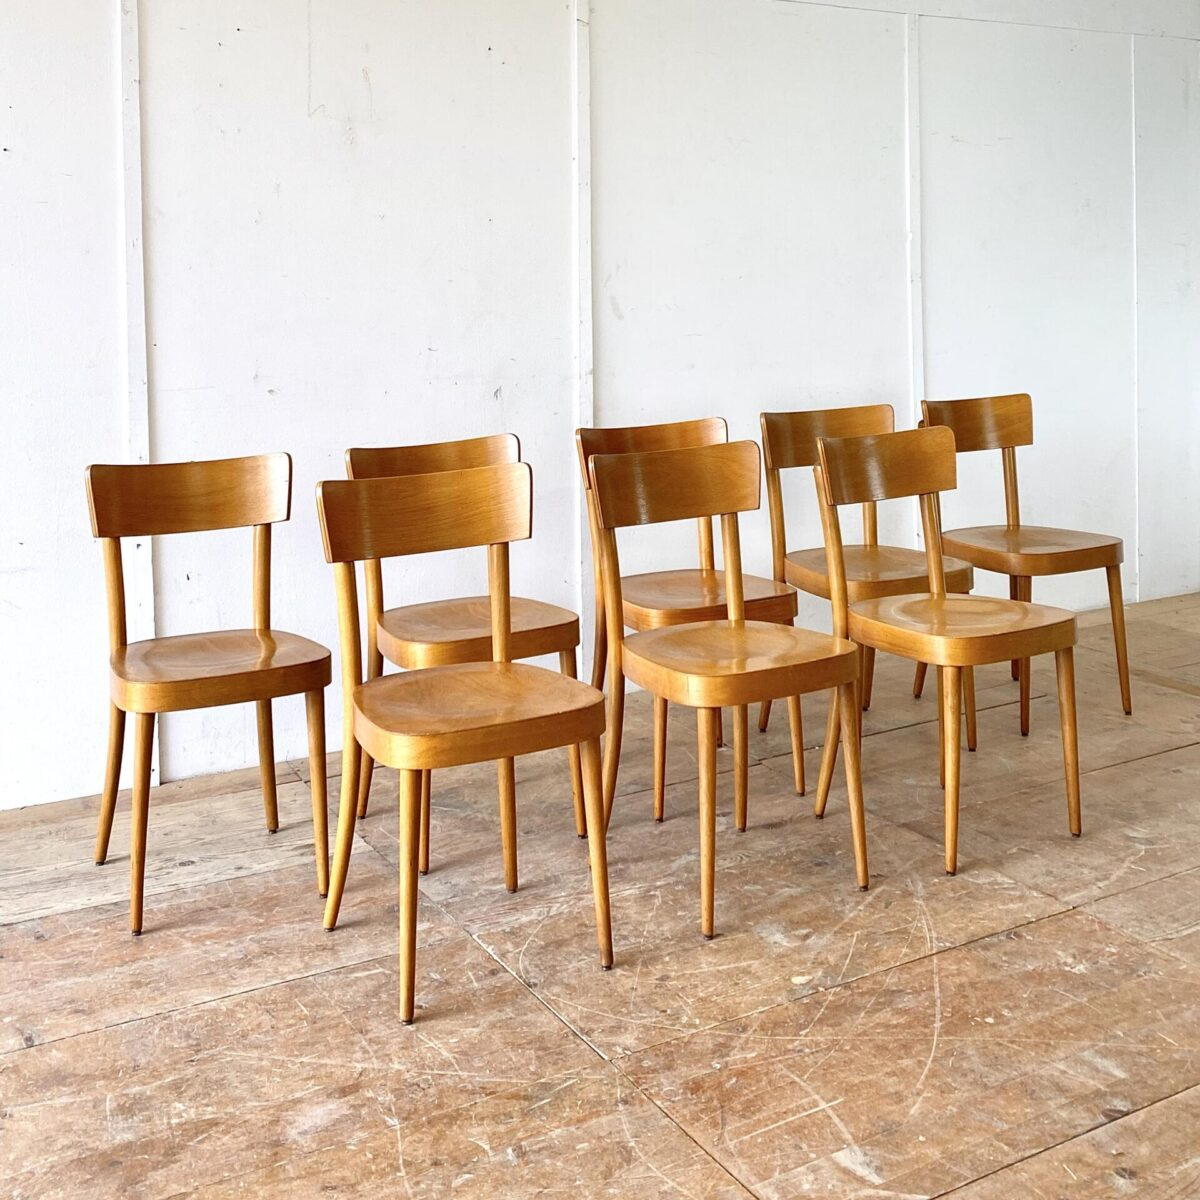 Deuxieme.shop klassische Beizenstühle horgenglarus Classic. Schlichte Beizenstühle mit konischen Rundbeinen, von Eras Holland. Preis pro Stuhl. Die Stühle sind stabil, bequem und leicht restauriert.